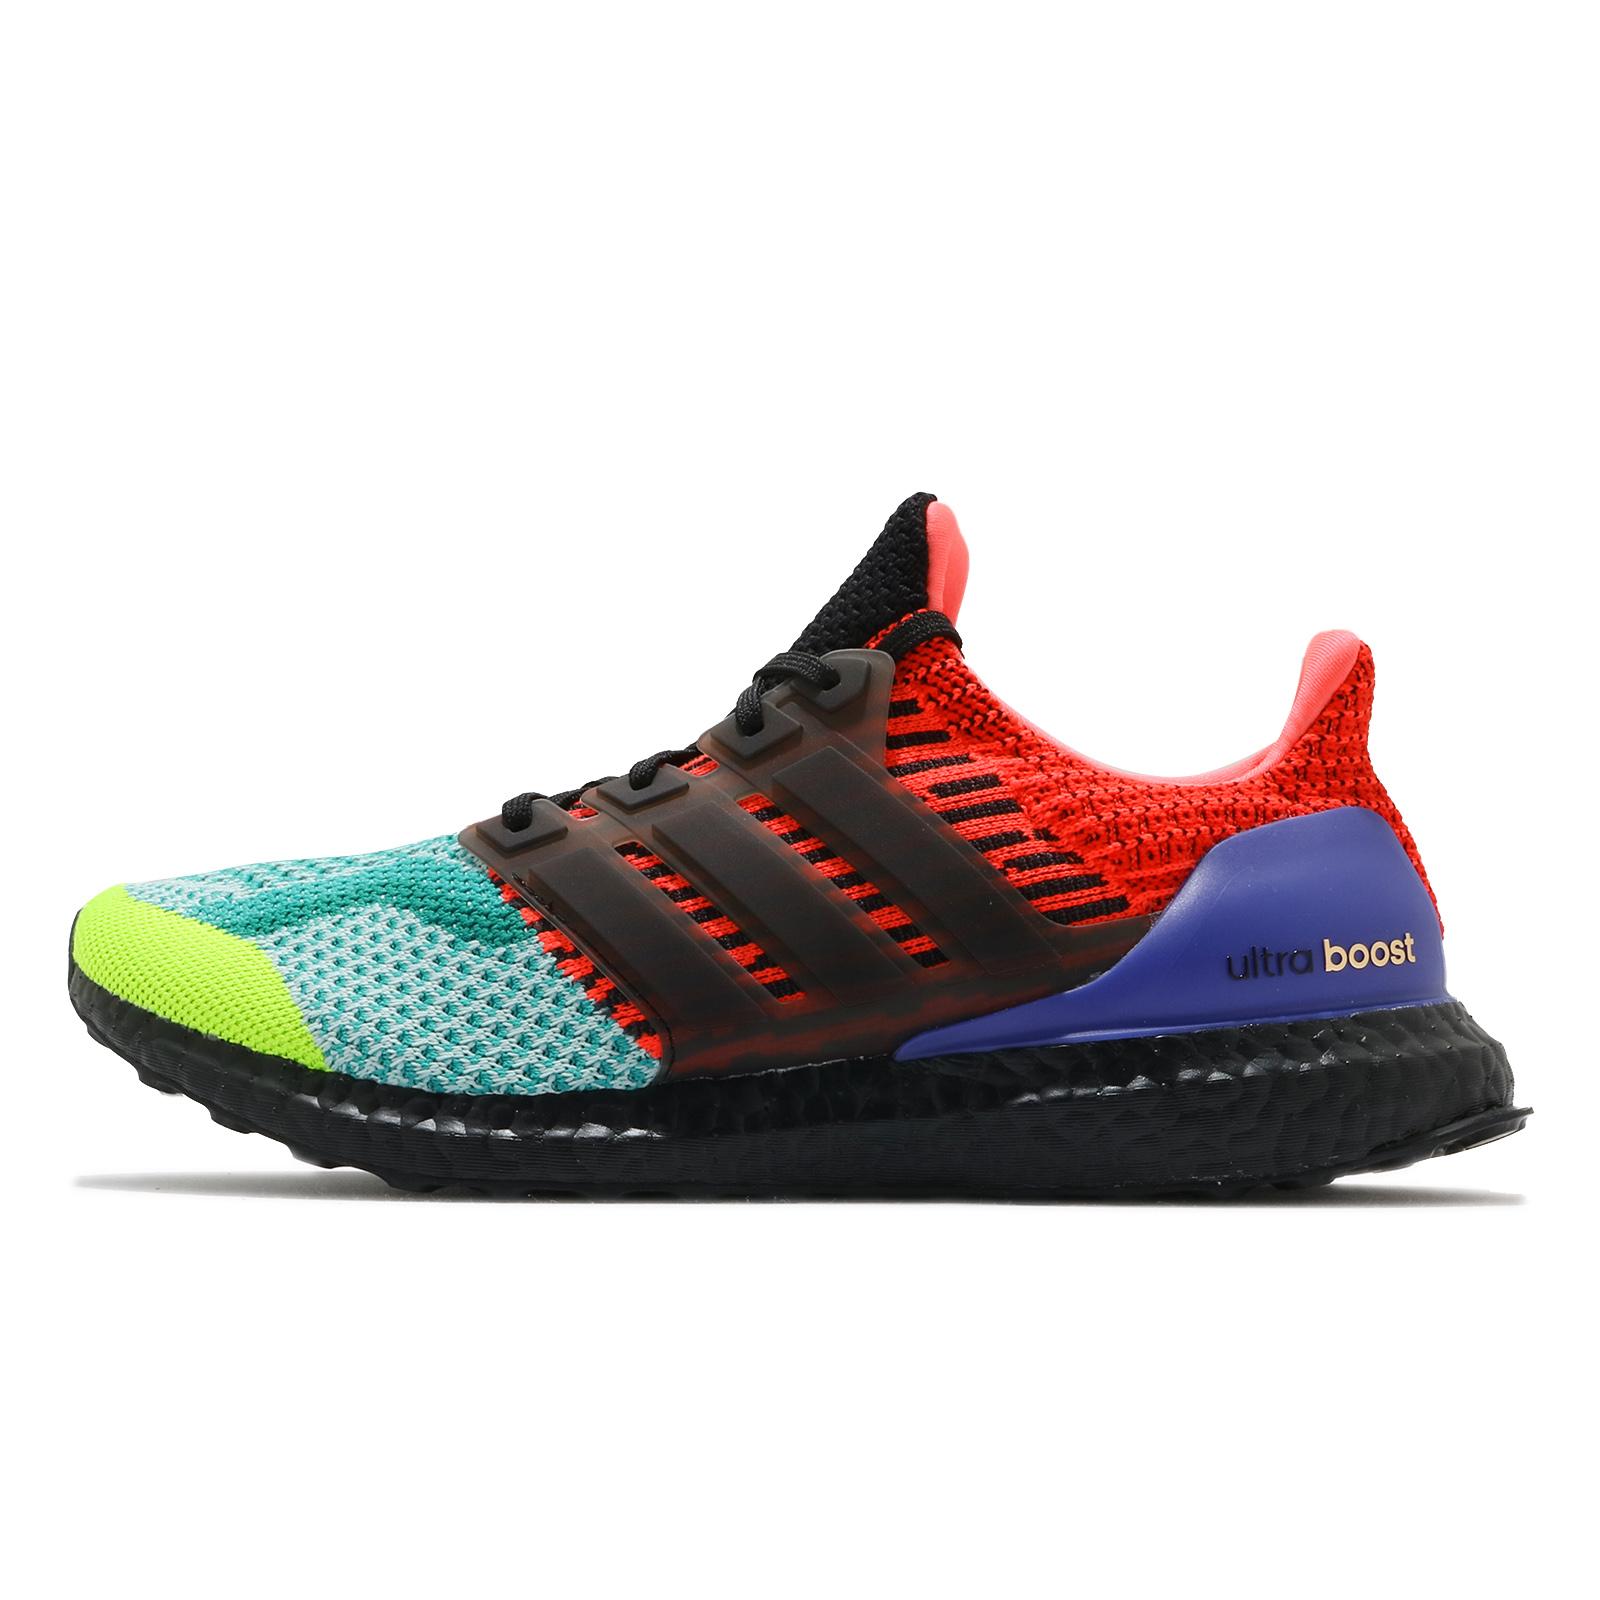 -商品型號:EG5923-商品定價:5990-商品版型:建議可大半號-商品特色:ULTRABOOST DNA 跑鞋致敬經典針織技術的跑鞋致敬改變陳規的adidas跑步科技,力求讓邁步更舒適。這款adi